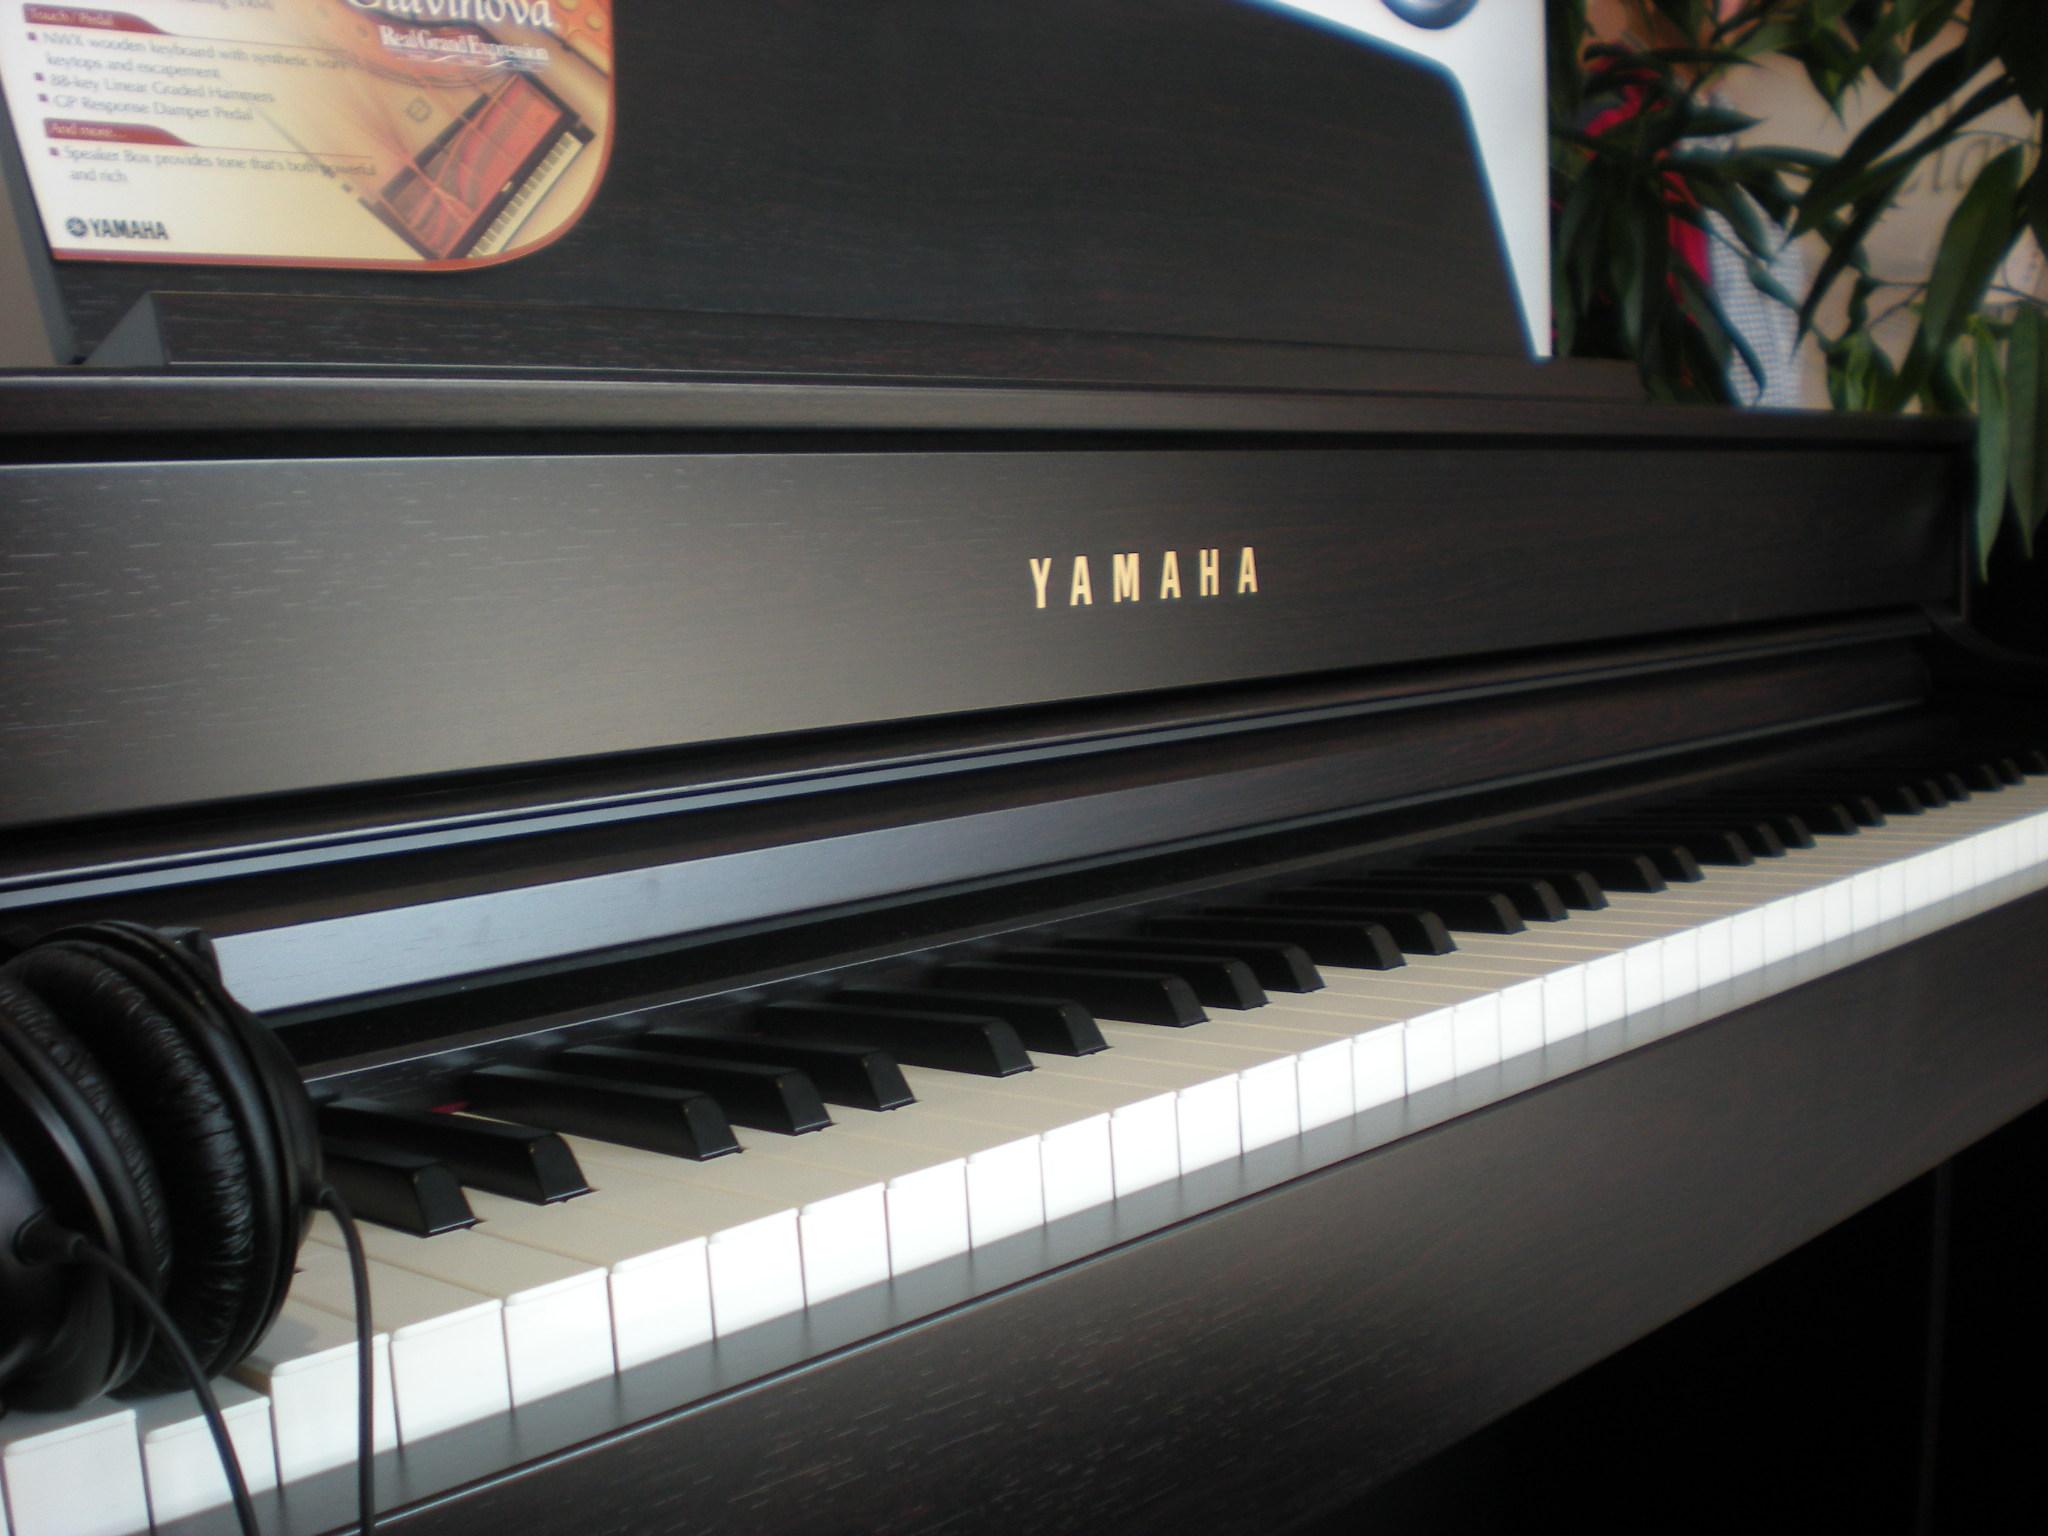 Yamaha_Clavinova_CLP-575_keyboard.JPG